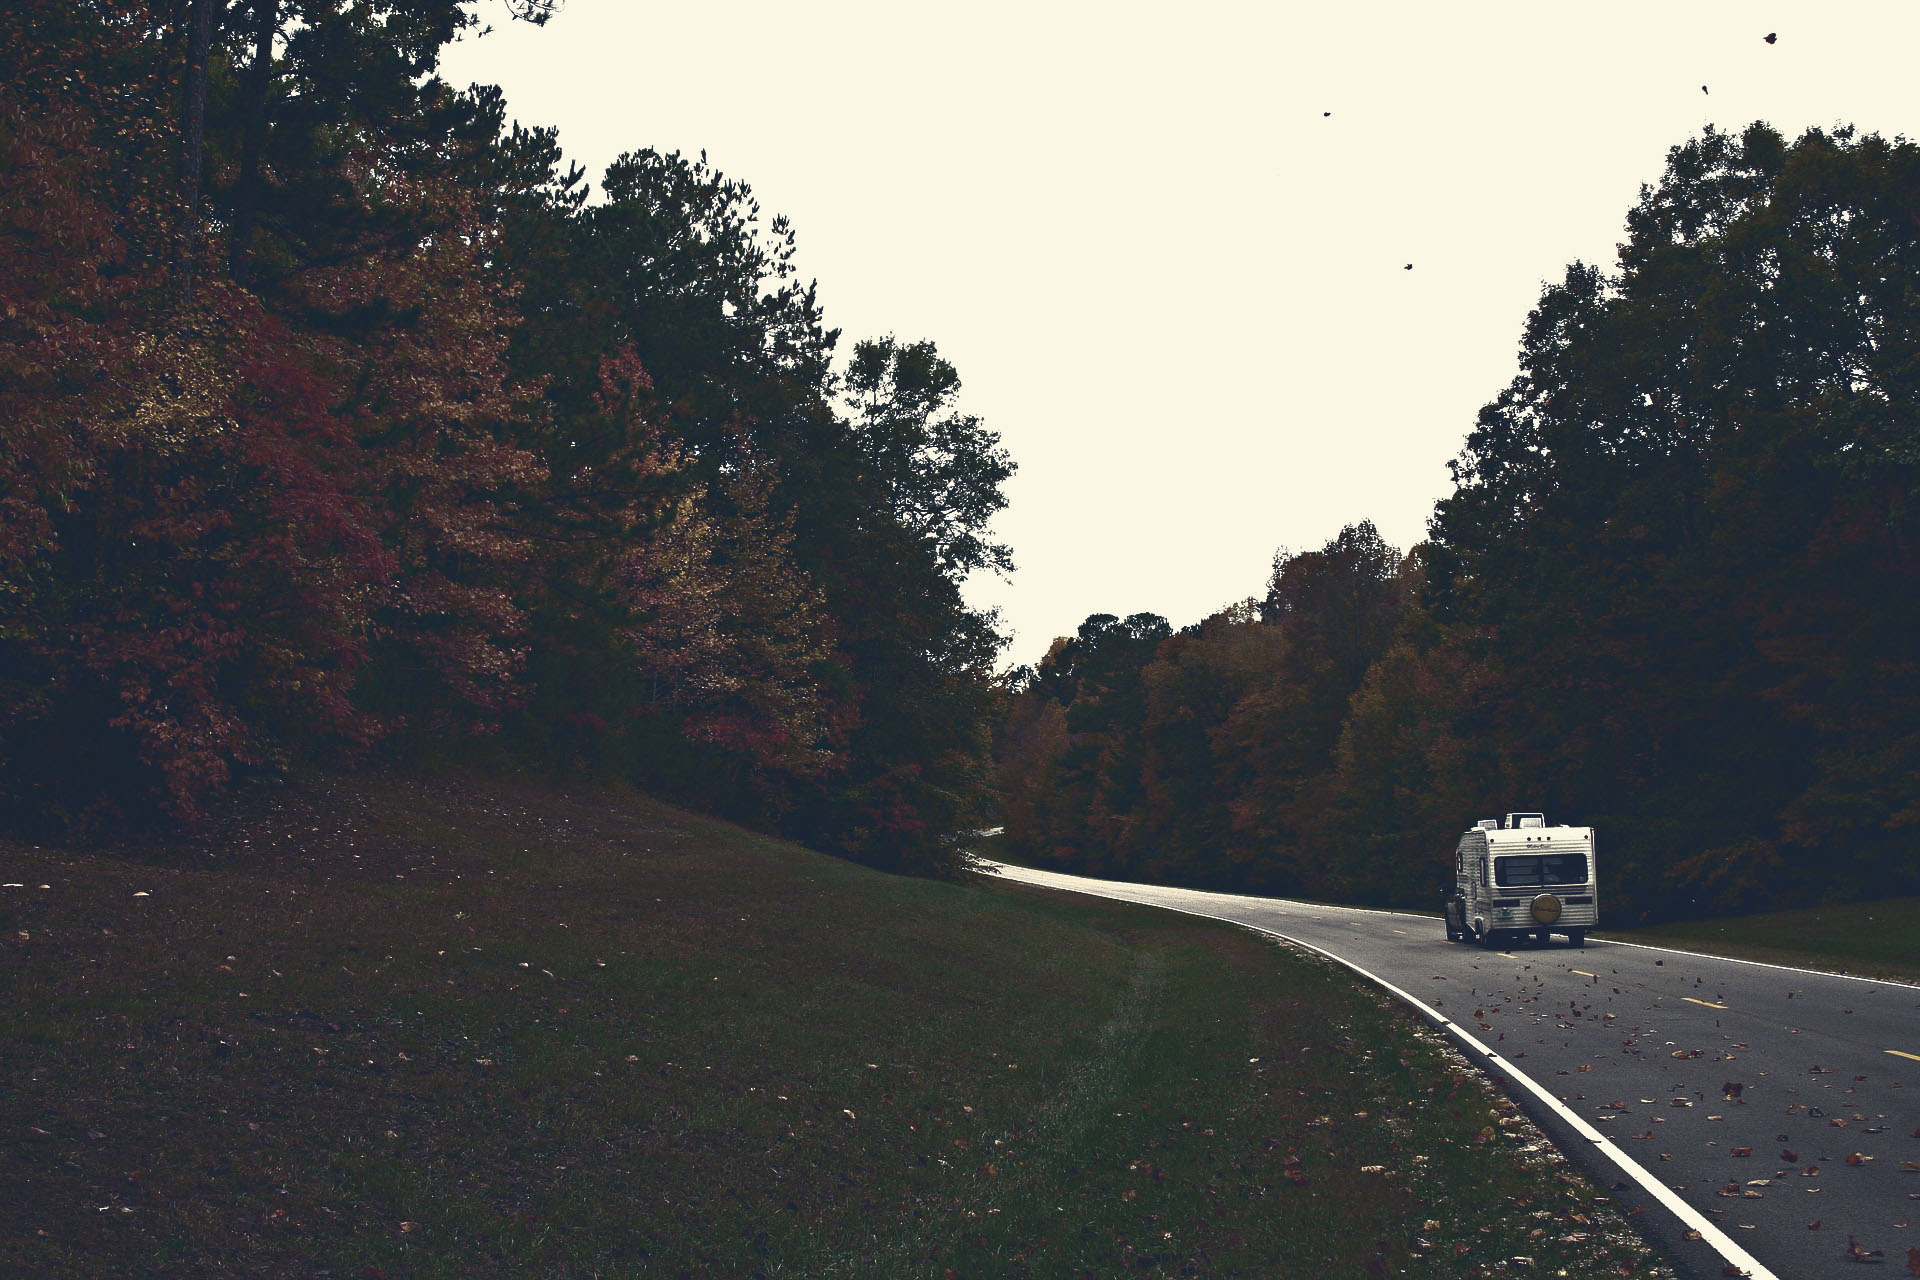 RV on dusk road.